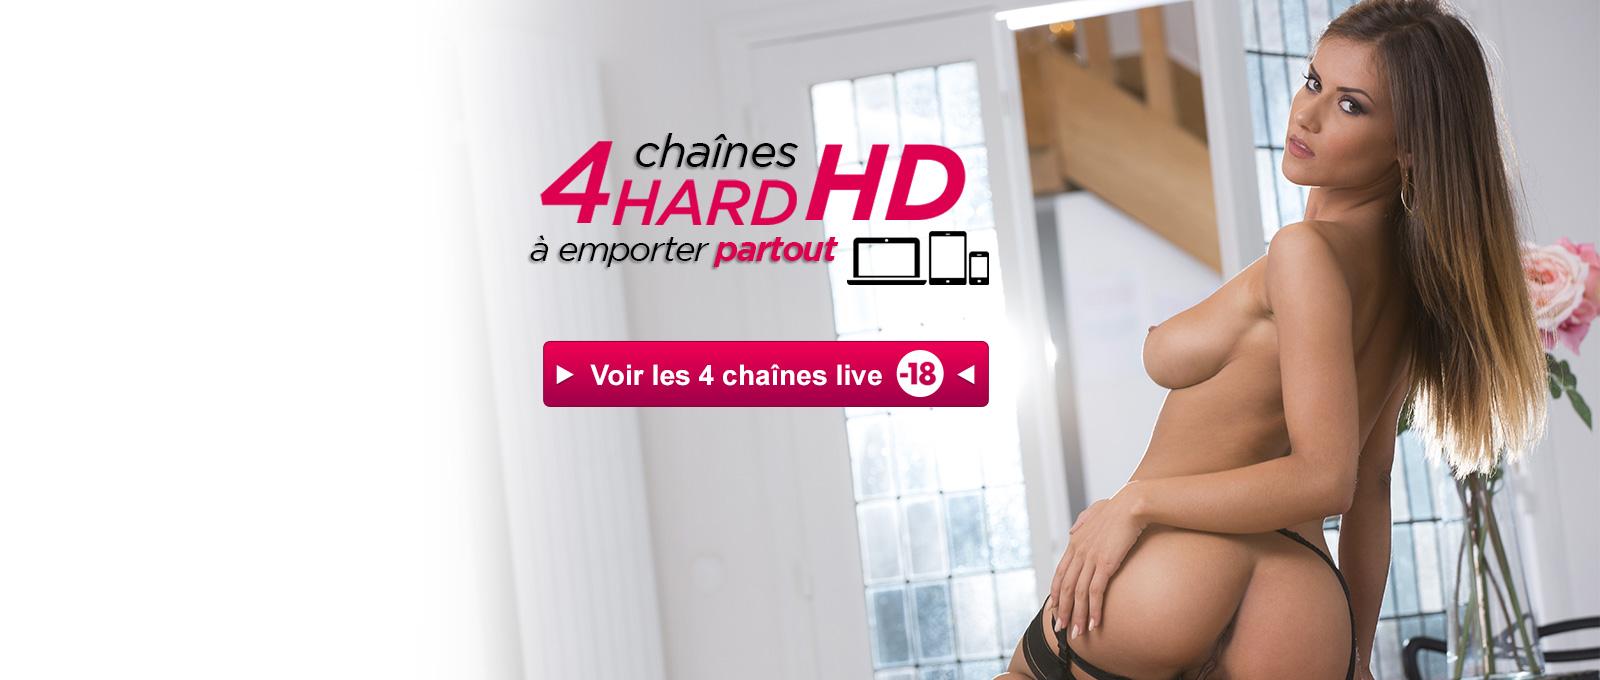 4 chanes TV porno en HD regarder en ligne 24/7 - Dorcel TV